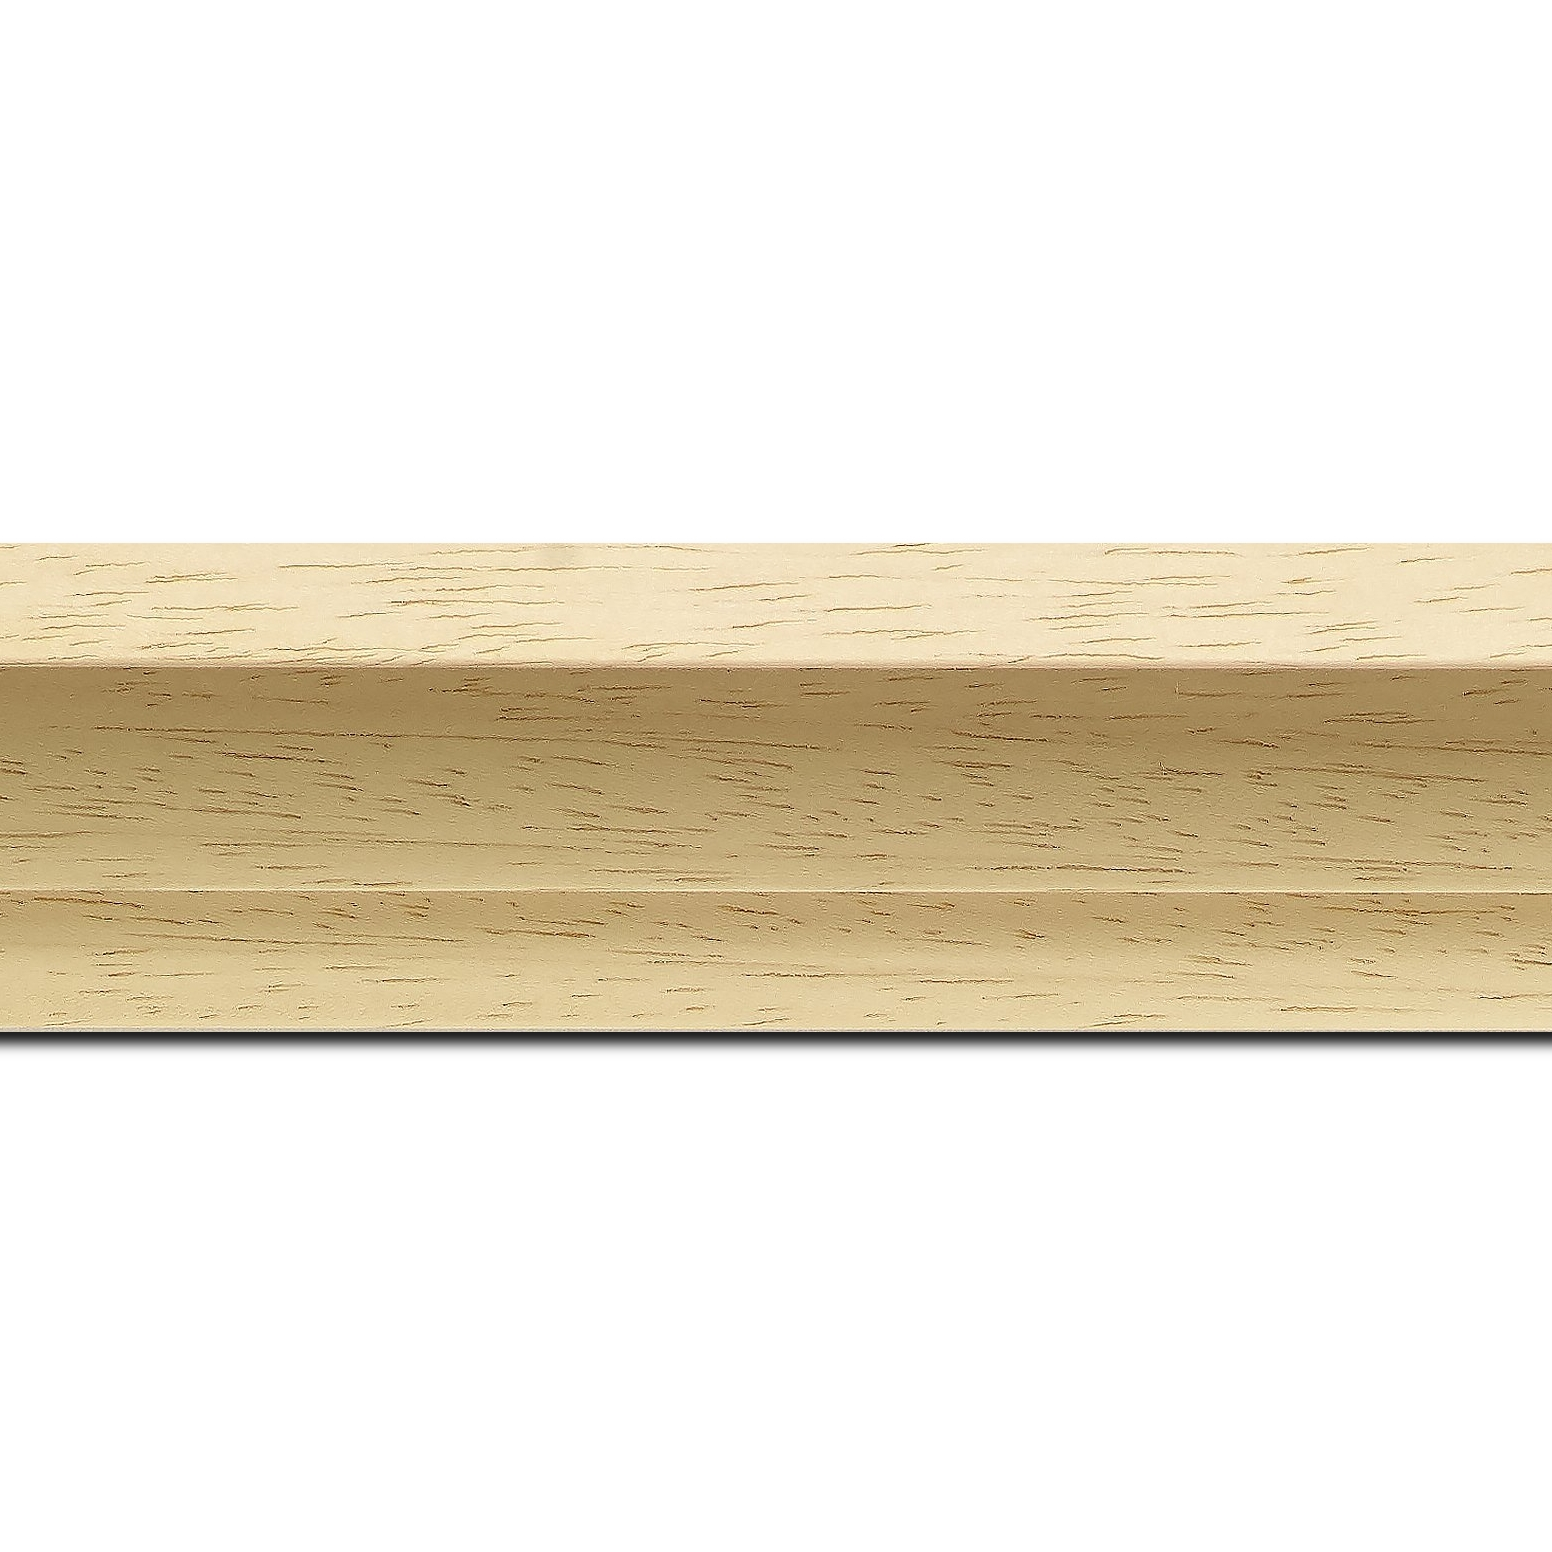 Baguette longueur 1.40m bois caisse américaine xl profil escalier largeur 4.9cm naturel (spécialement conçu pour les châssis 3d d'une épaisseur de 3 à 4cm) sans verni,peut être peint...